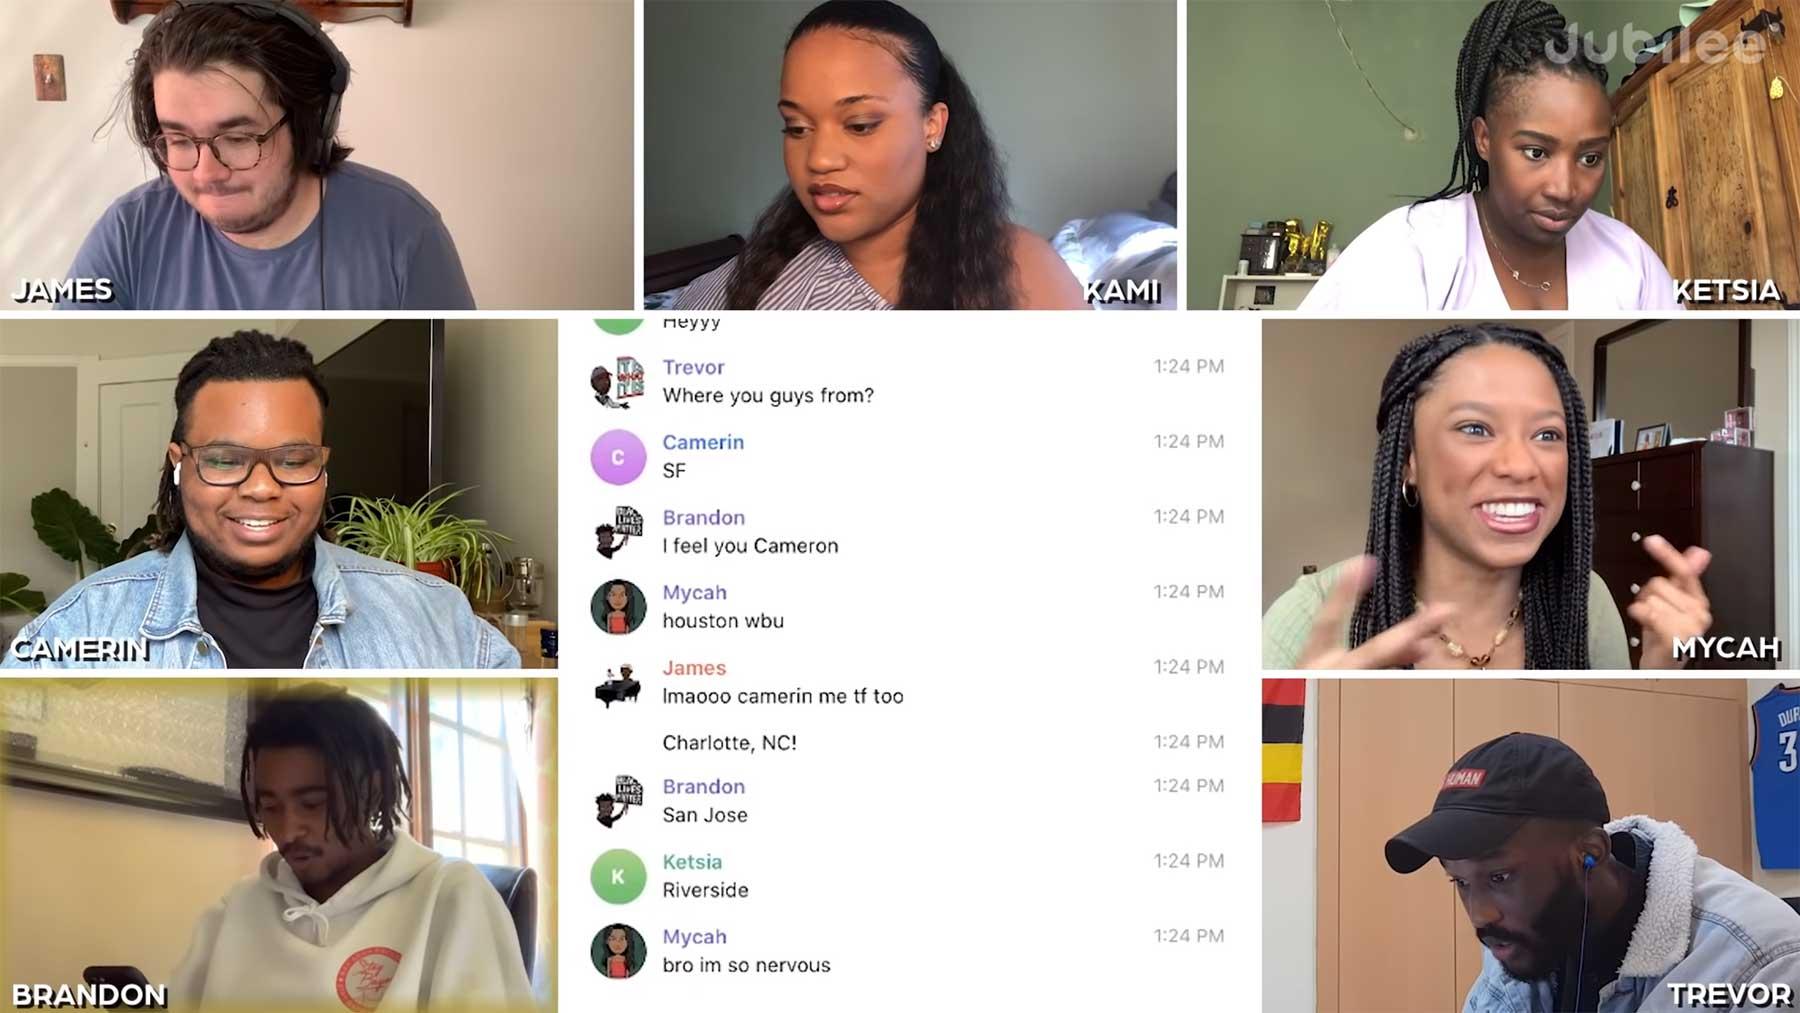 7 Personen versuchen im Chat herauszufinden, wer nicht dunkelhäutig ist